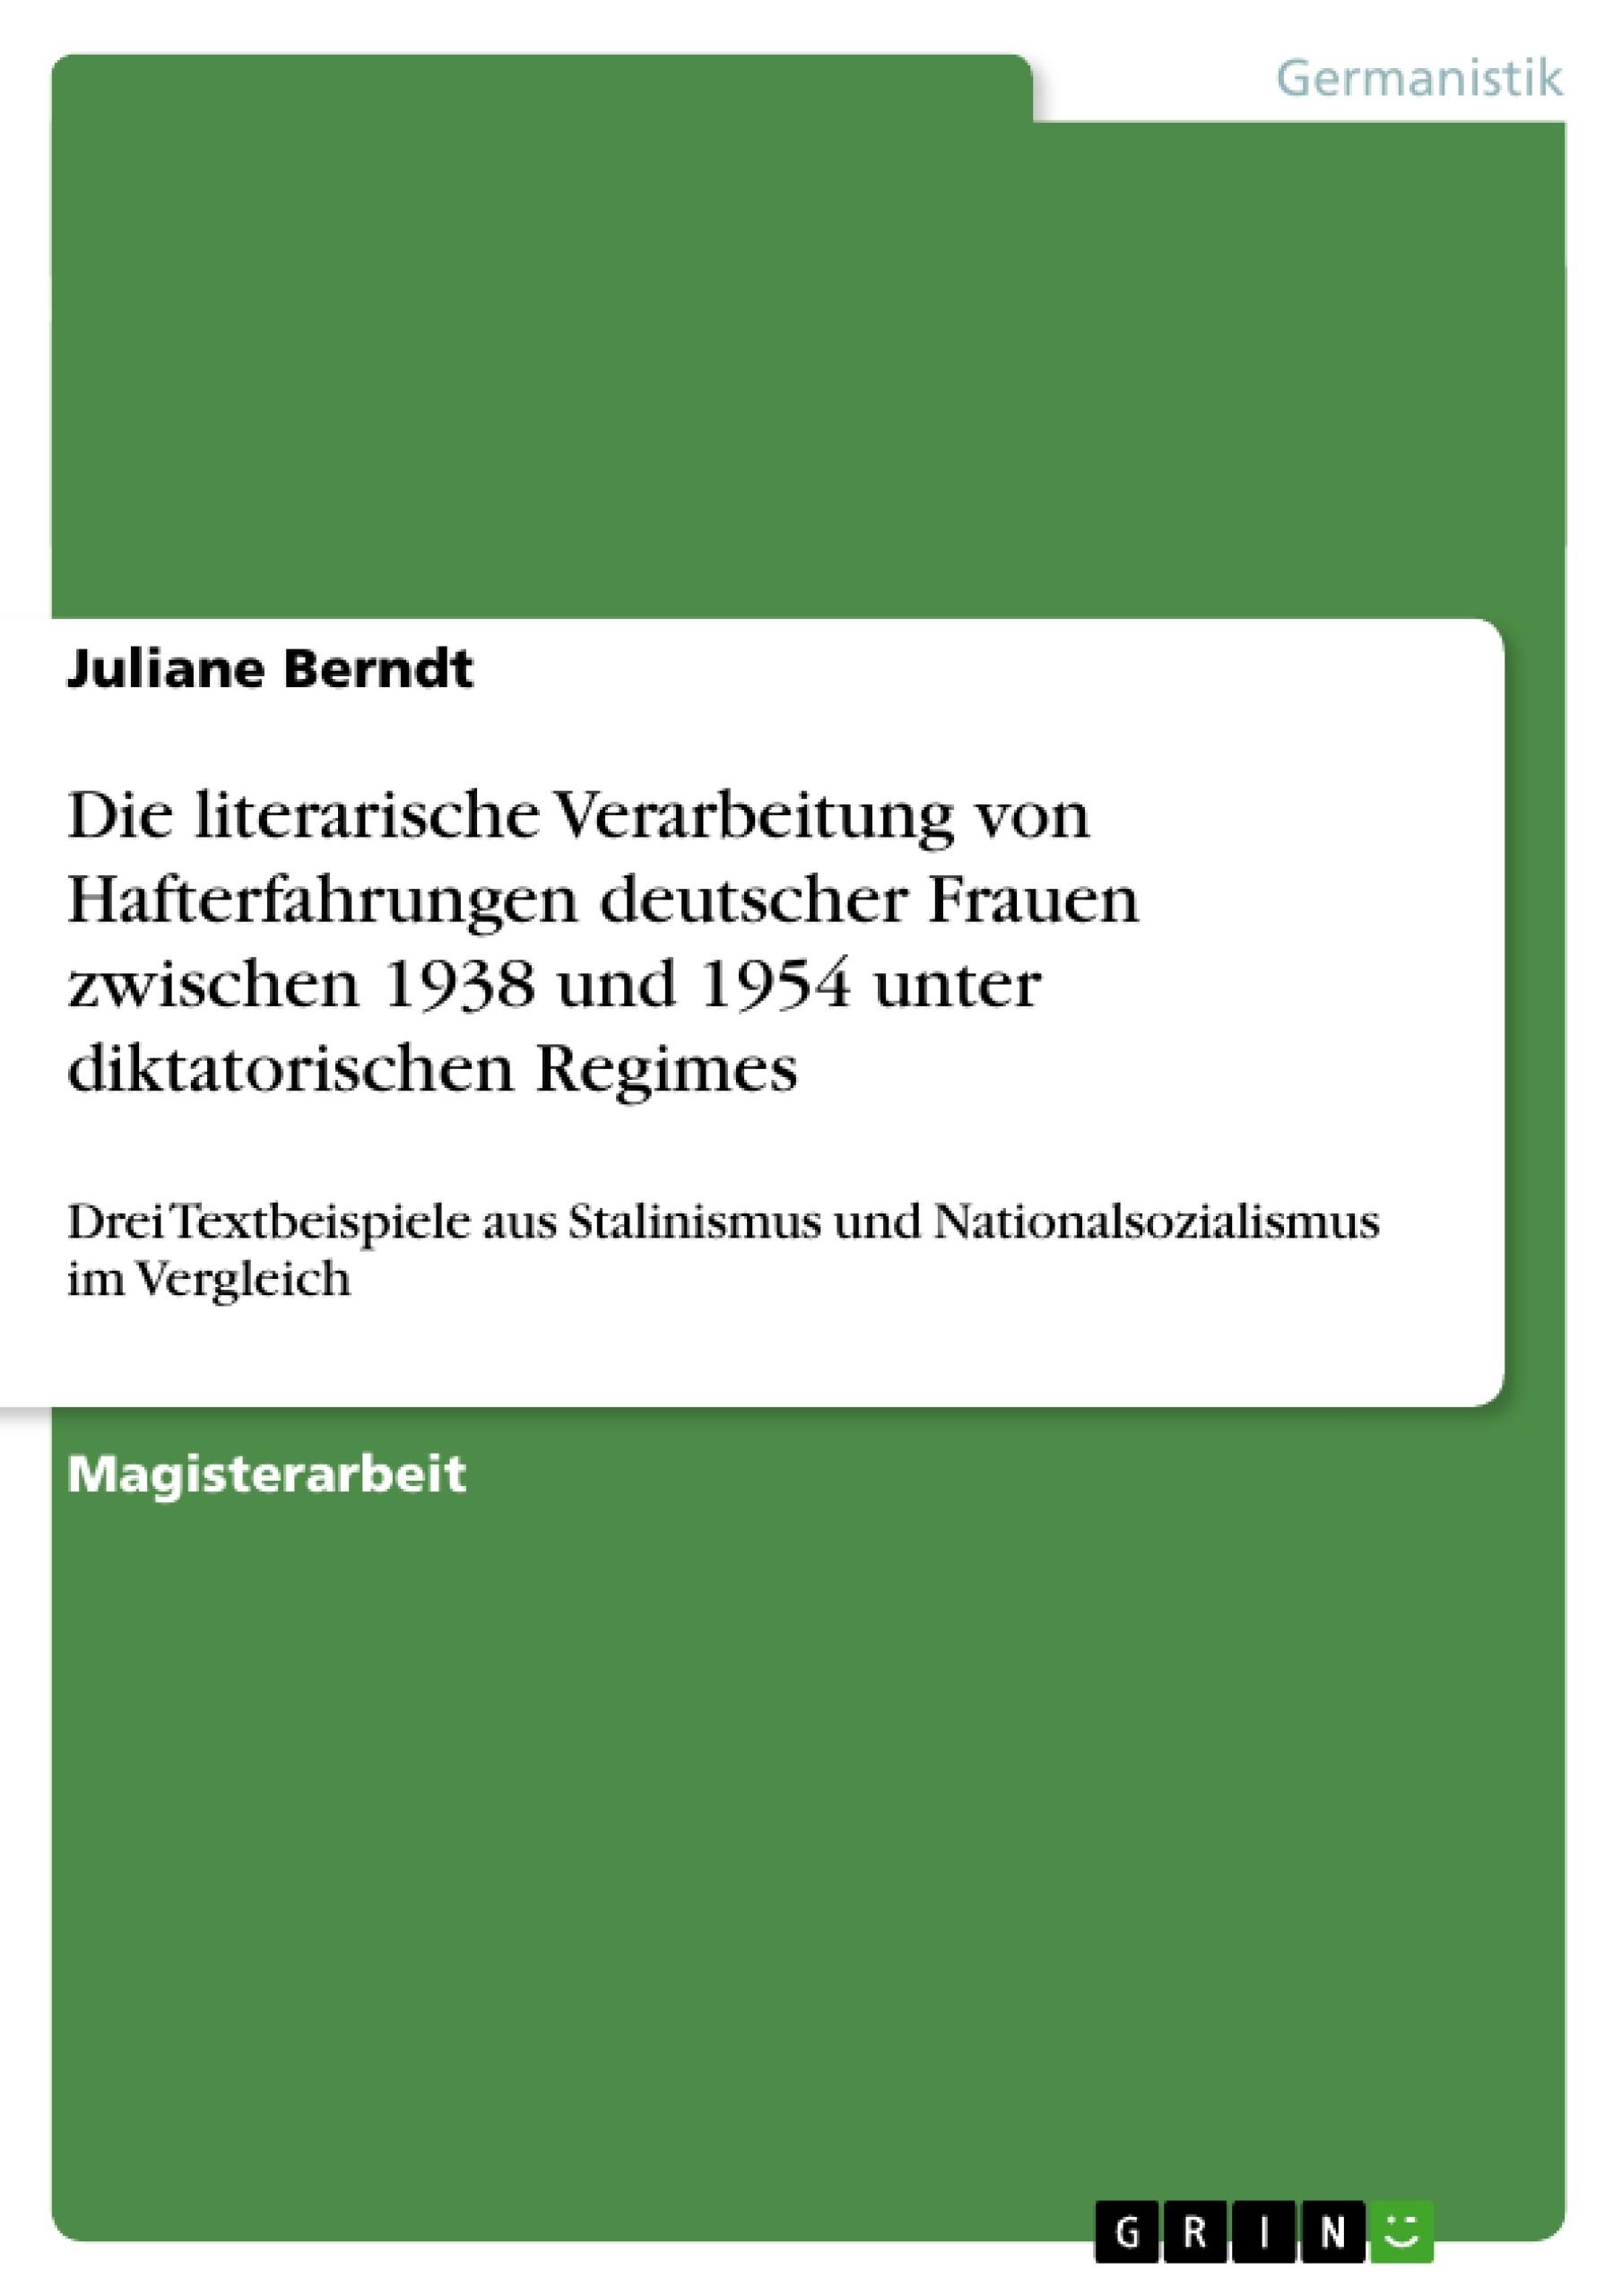 Titel: Die literarische Verarbeitung von Hafterfahrungen deutscher Frauen zwischen 1938 und 1954 unter diktatorischen Regimes